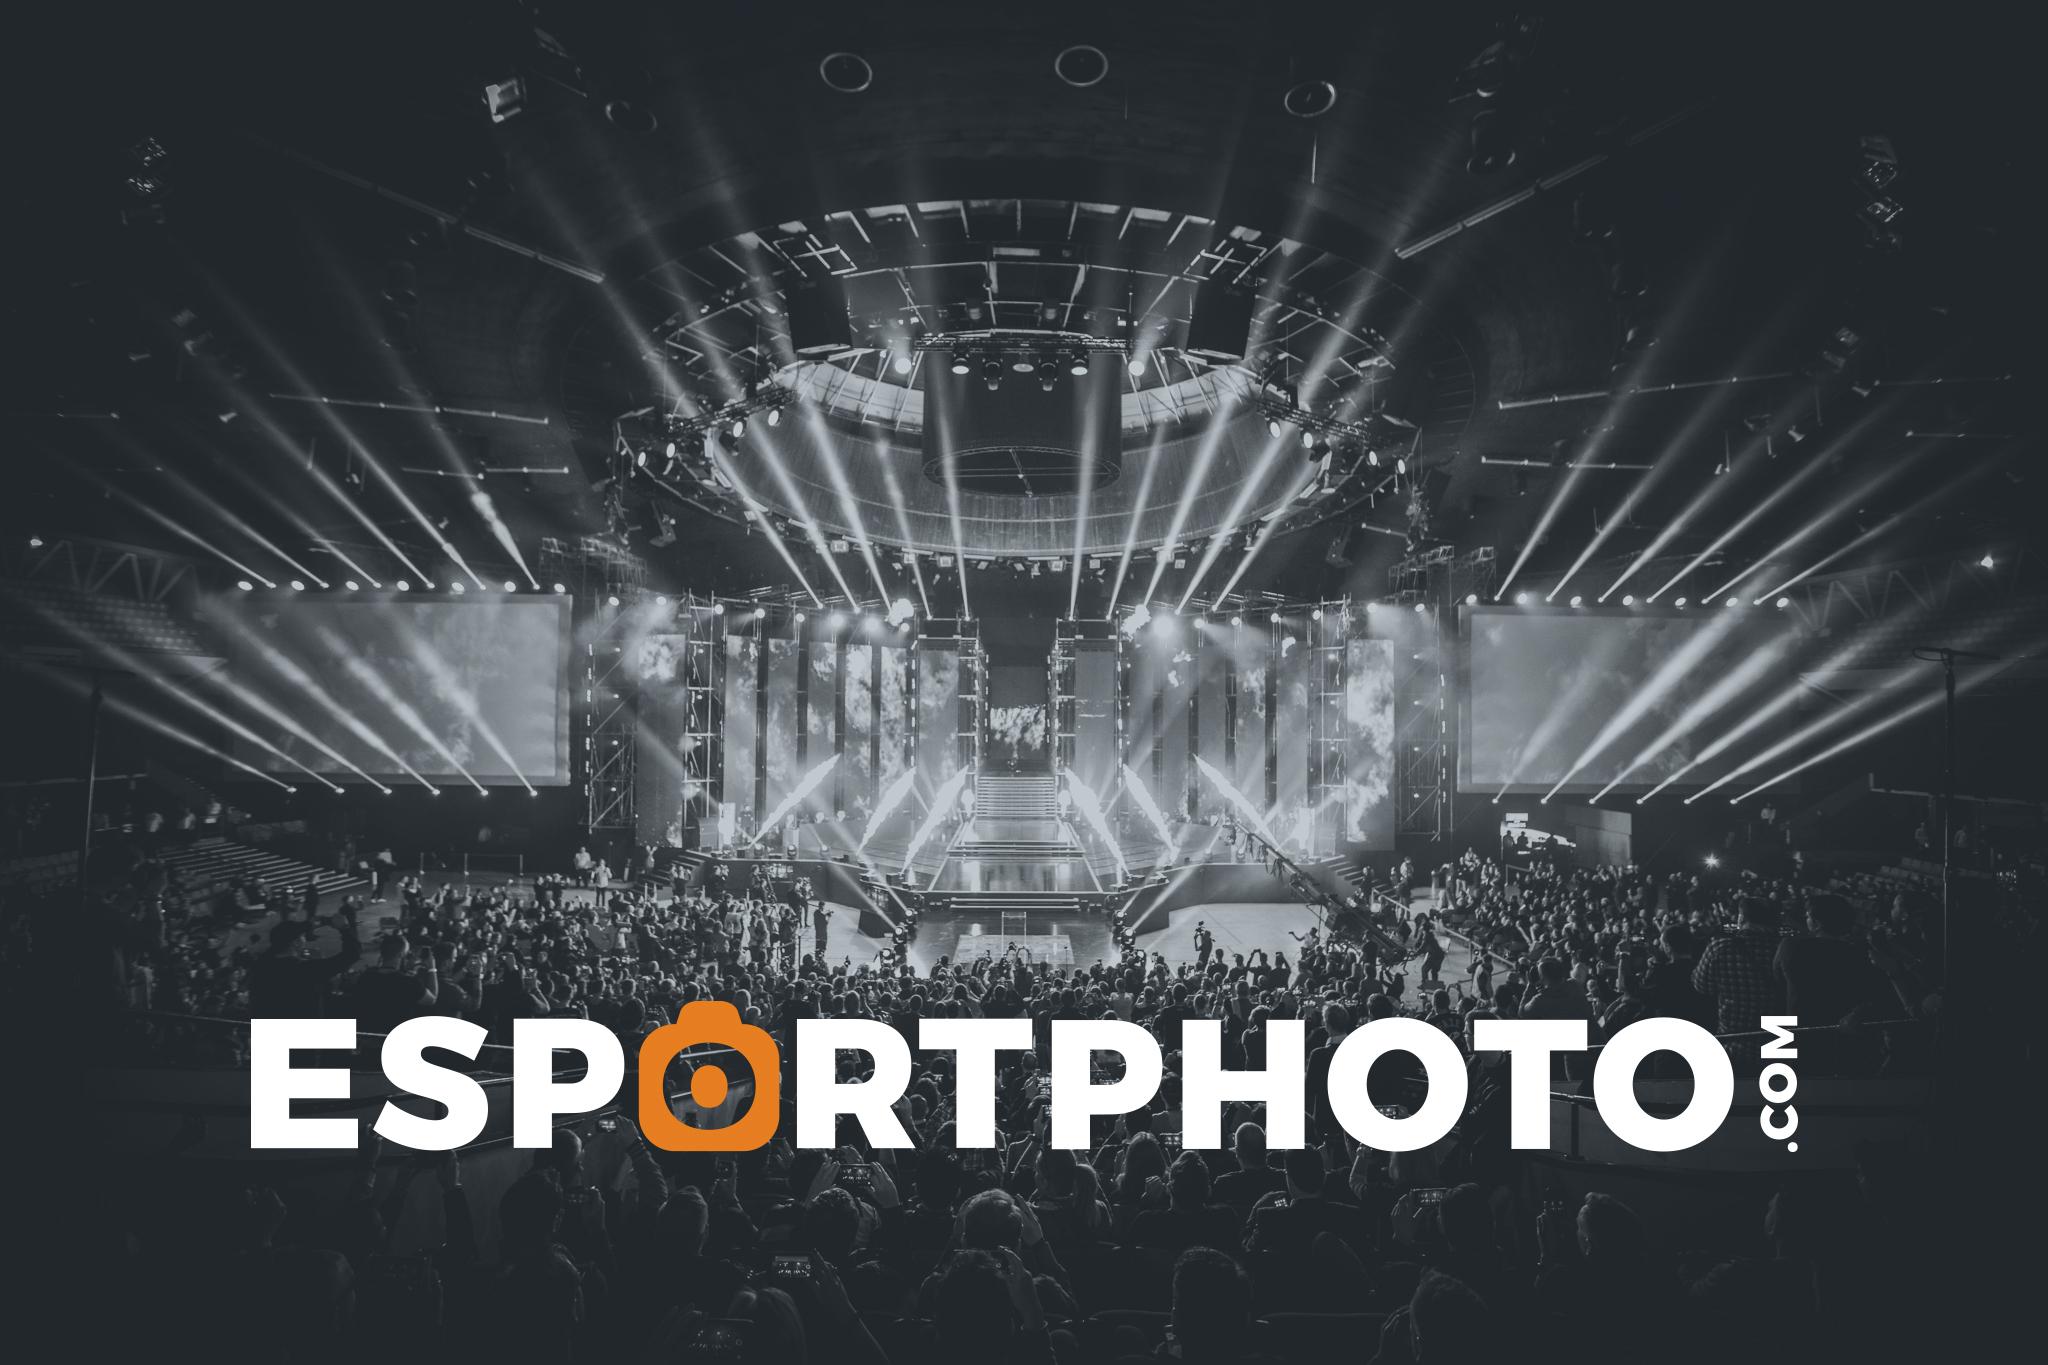 esportphoto_front